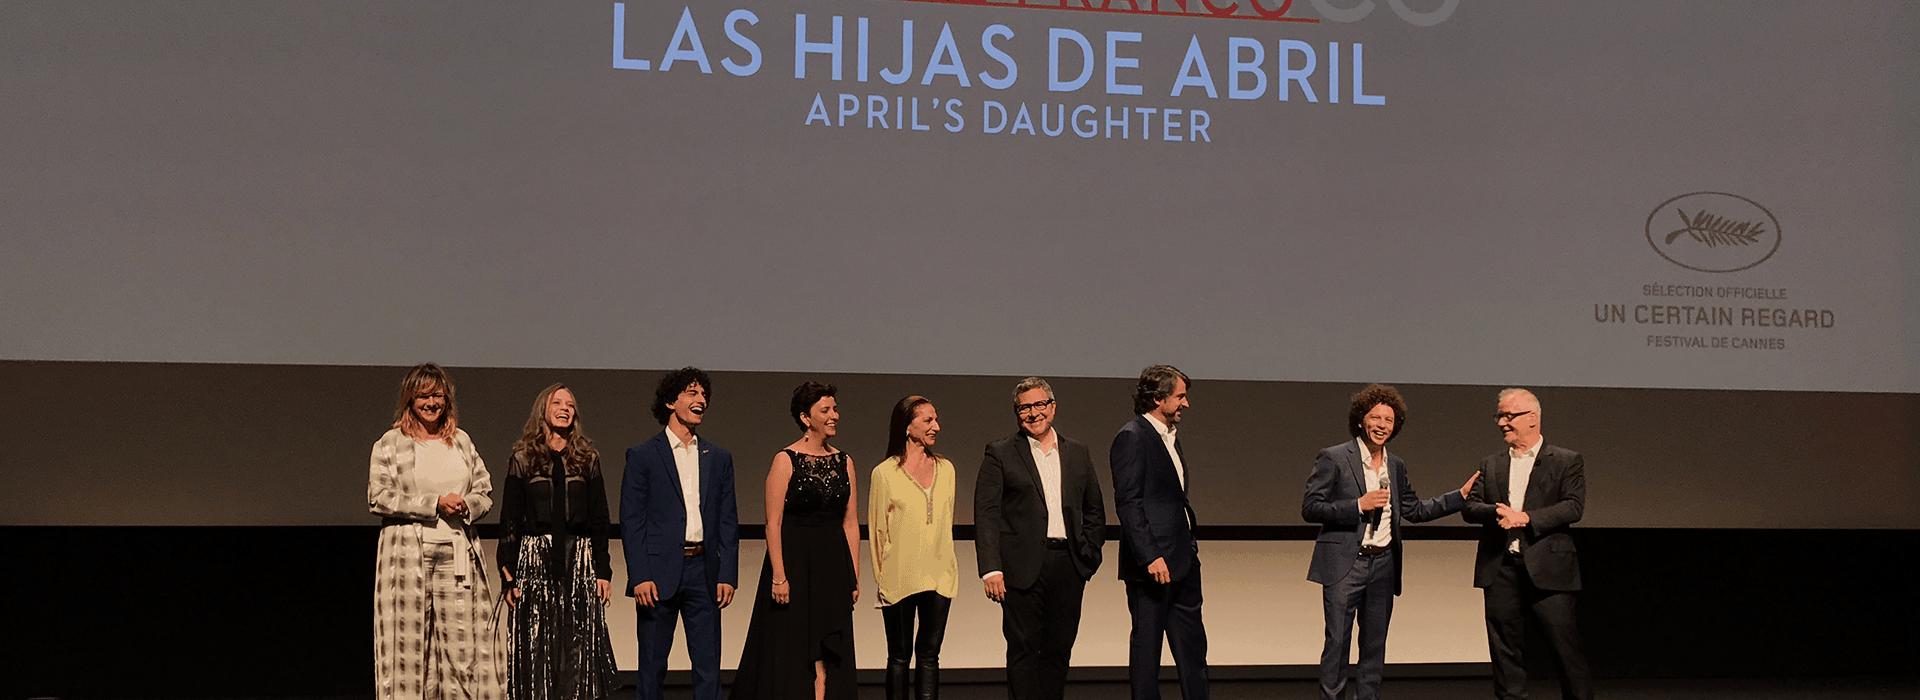 Las hijas de Abril gana Premio del Jurado en Cannes ...